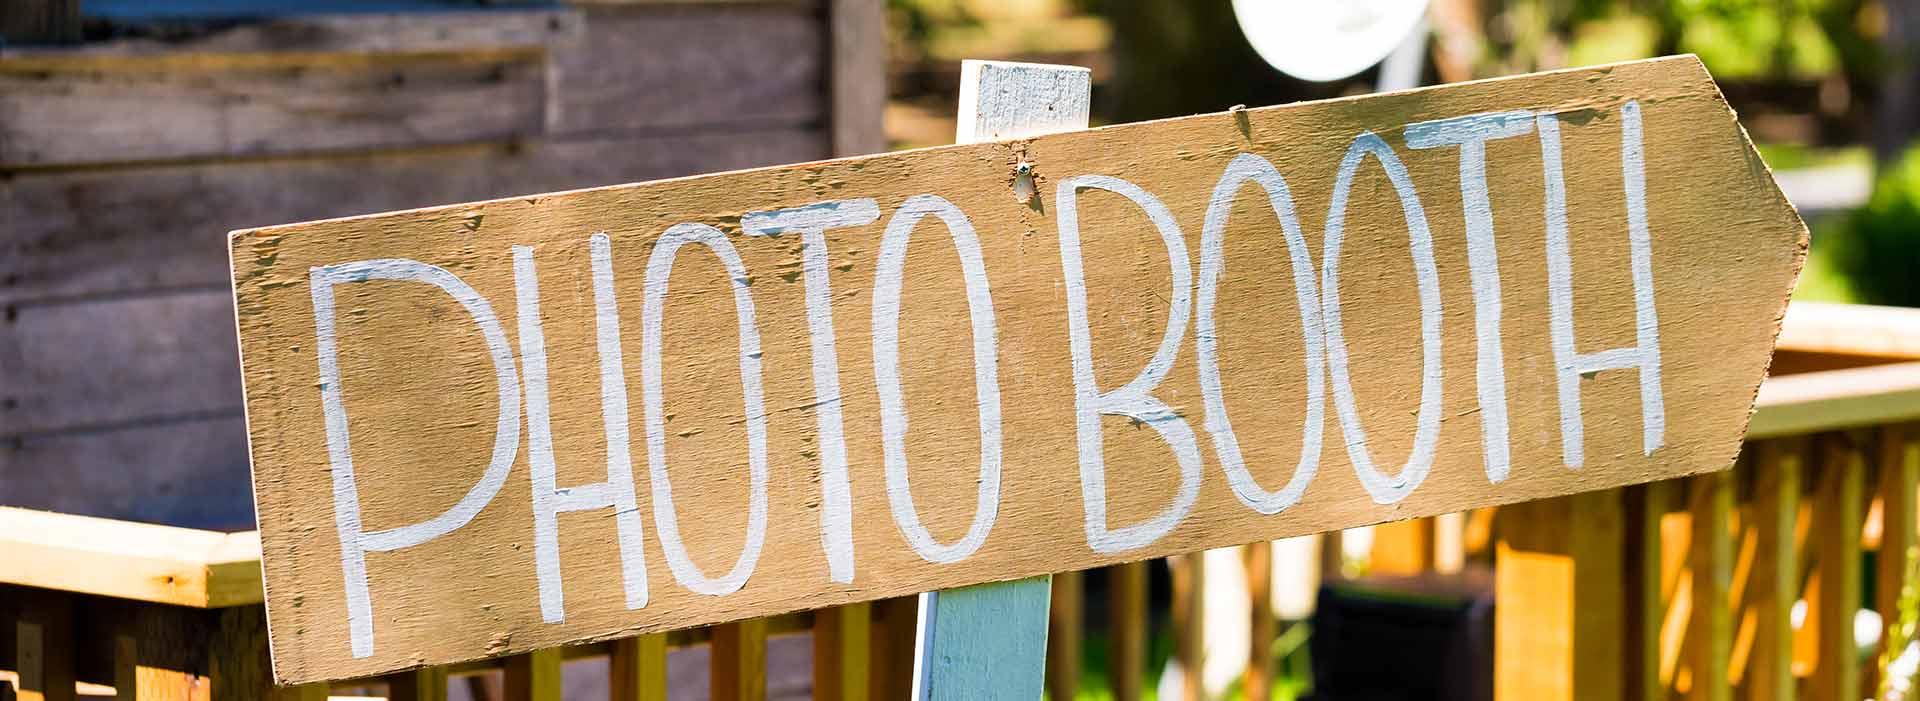 Cartello indicazione photobooth